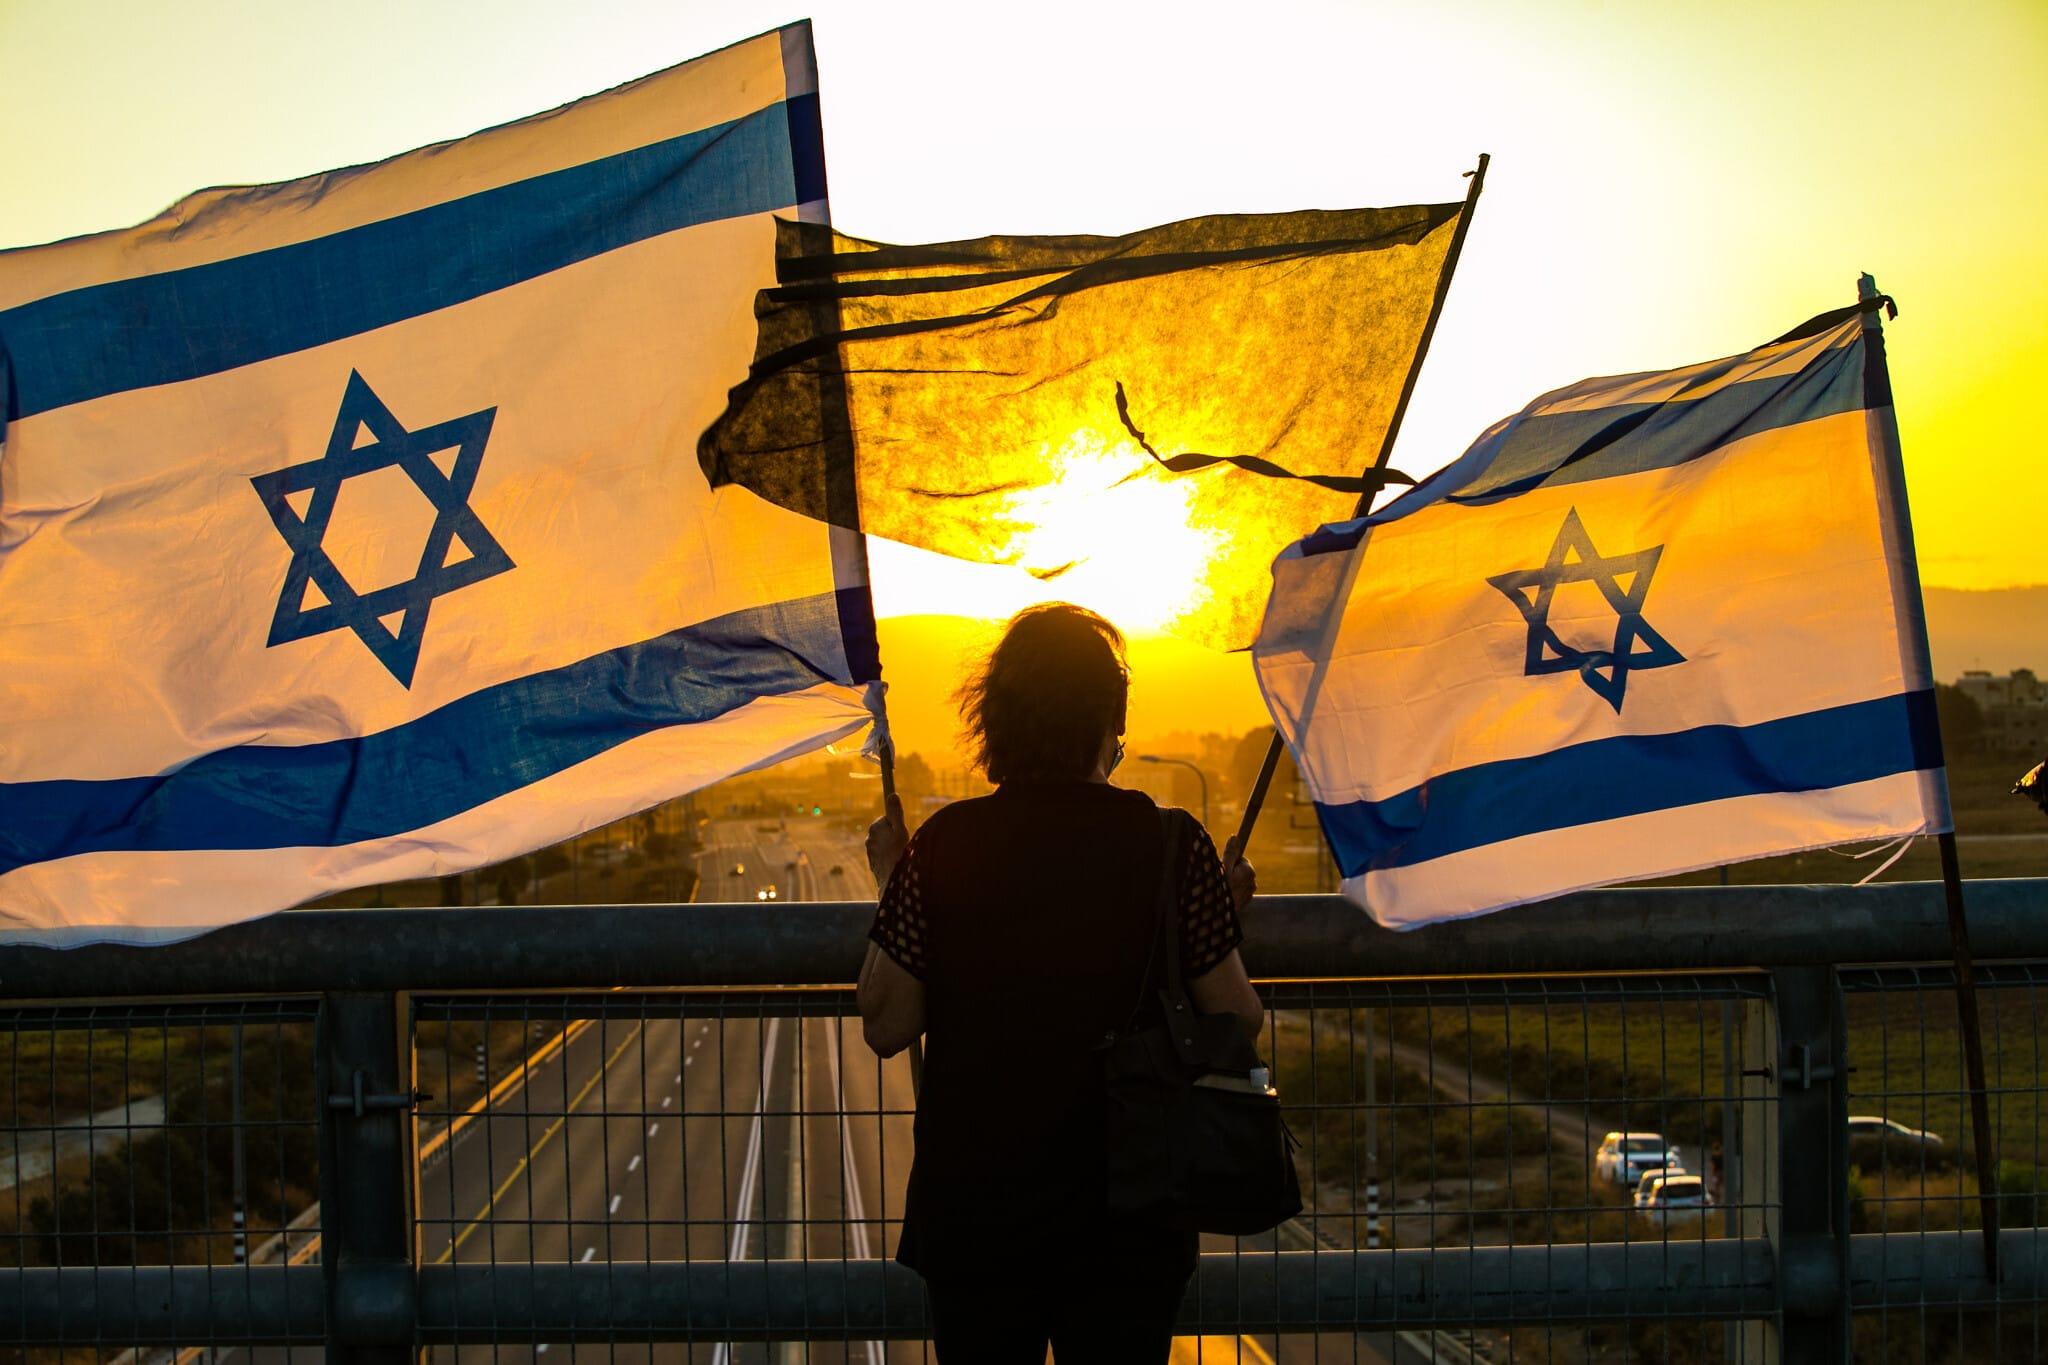 אילוסטרציה, הפגנה נגד נתניהו בעמק יזרעאל, ספטמבר 2020 (צילום: Anat Hermony/Flash90)